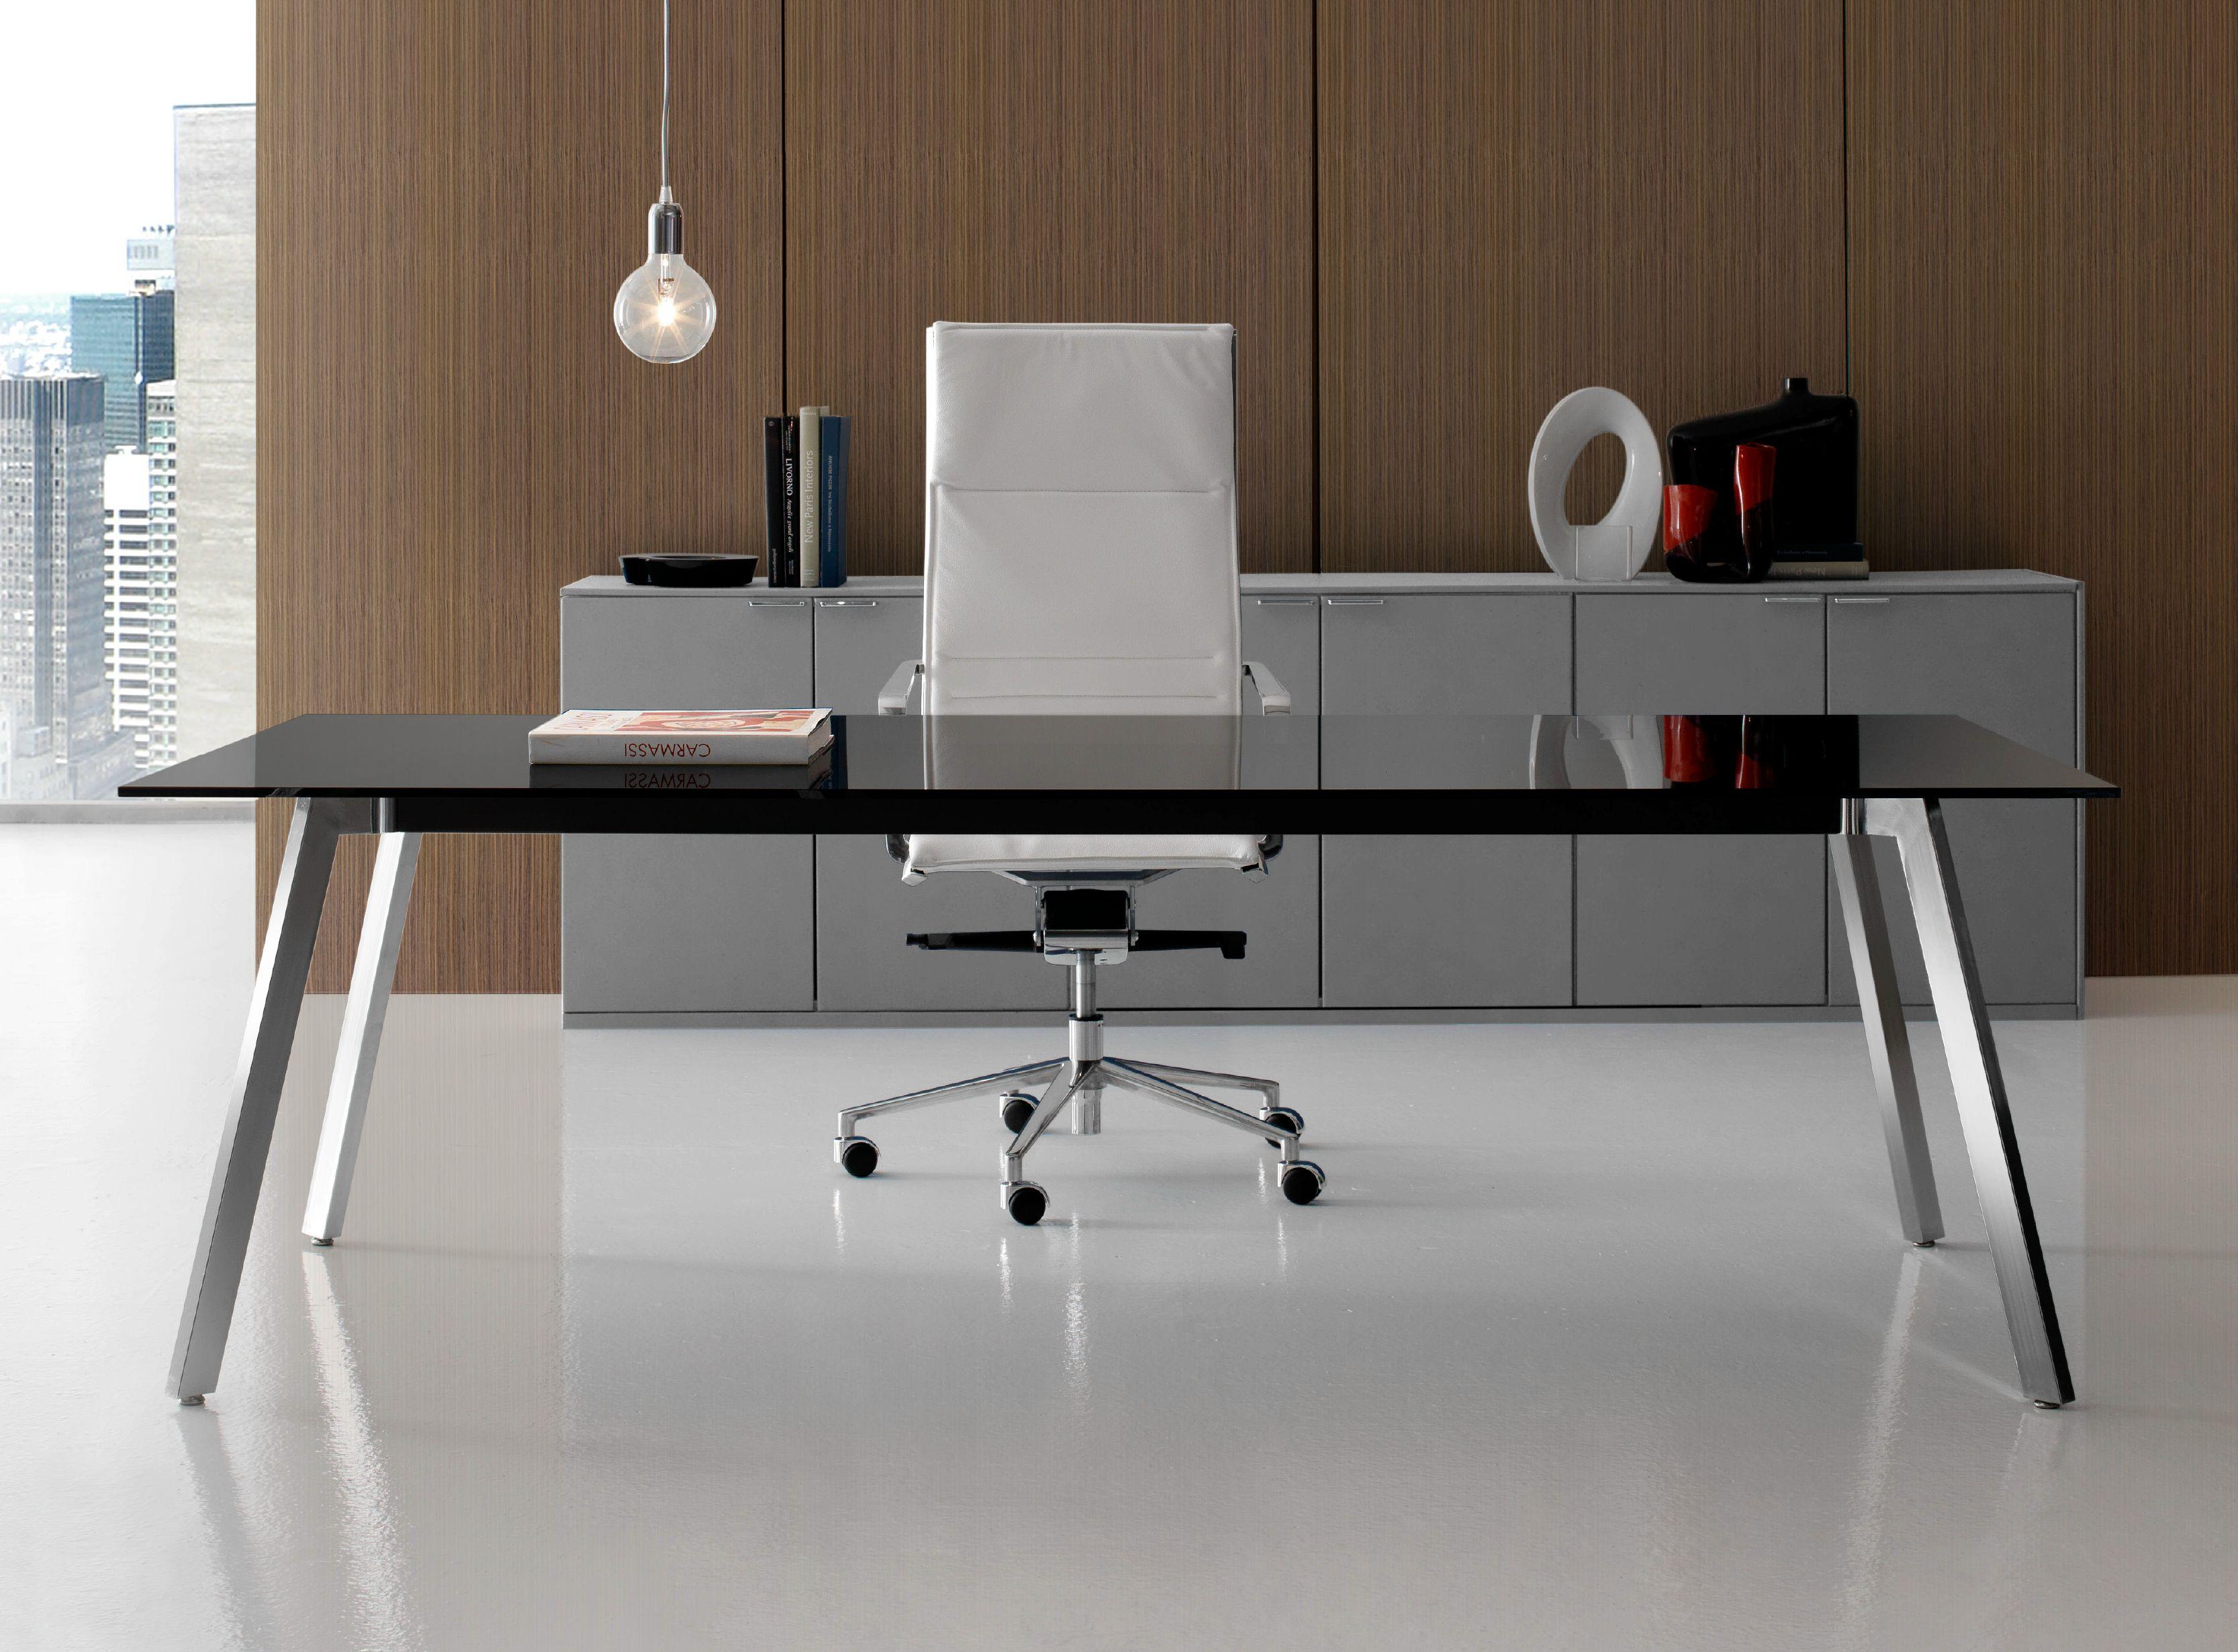 Soho escritorio de oficina de vidrio colecci n soho by for Diseno de muebles de oficina modernos